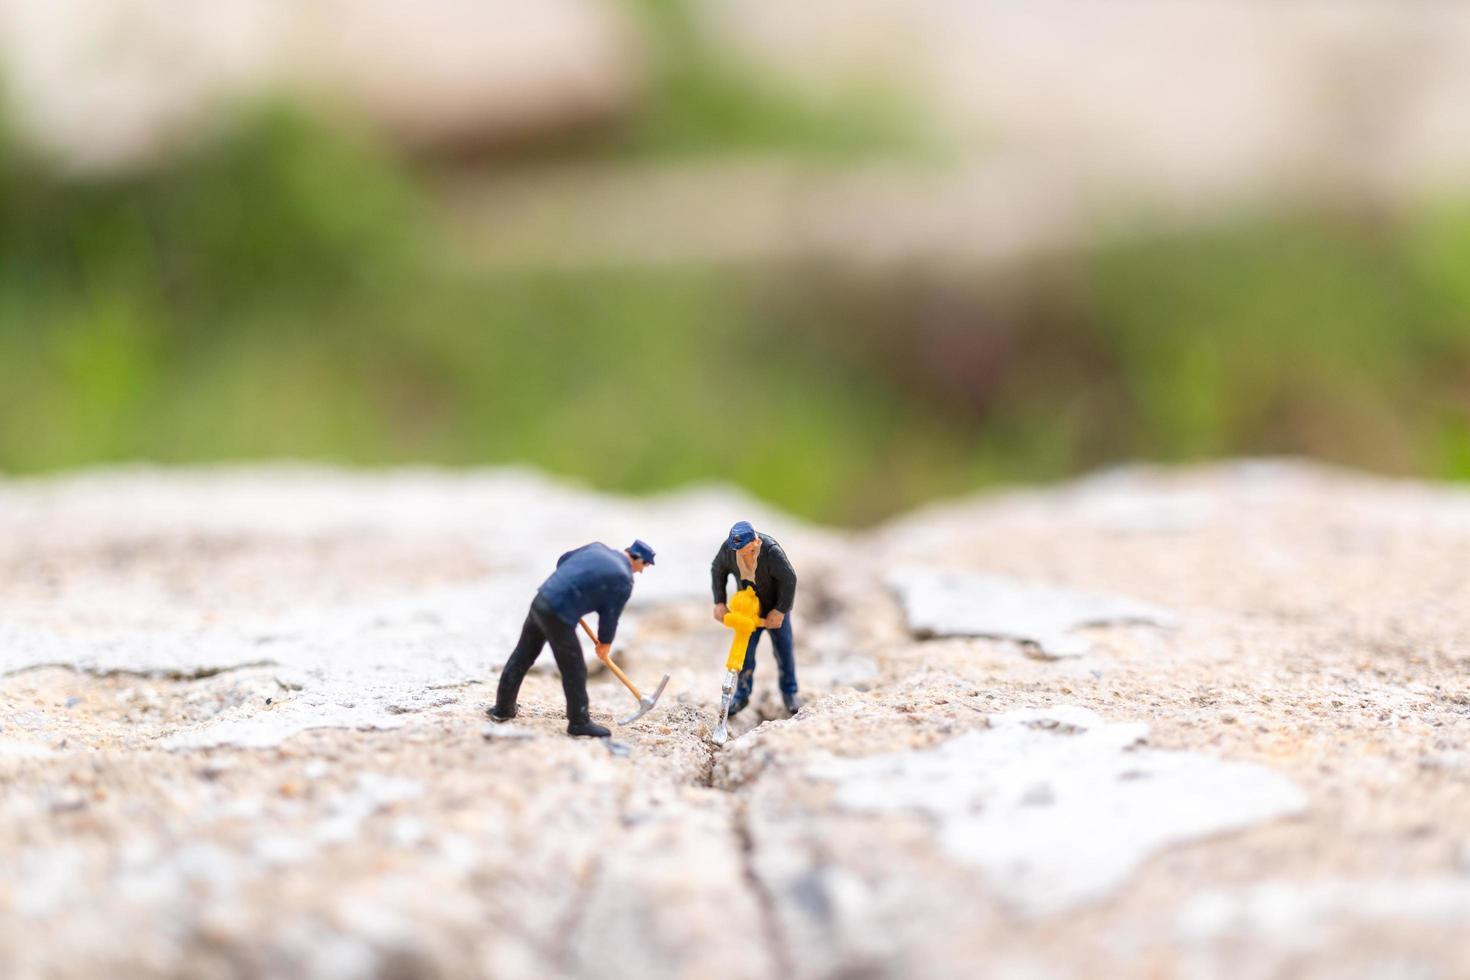 travailleurs miniatures travaillant sur du béton avec des fissures, concept de travail d'équipe photo